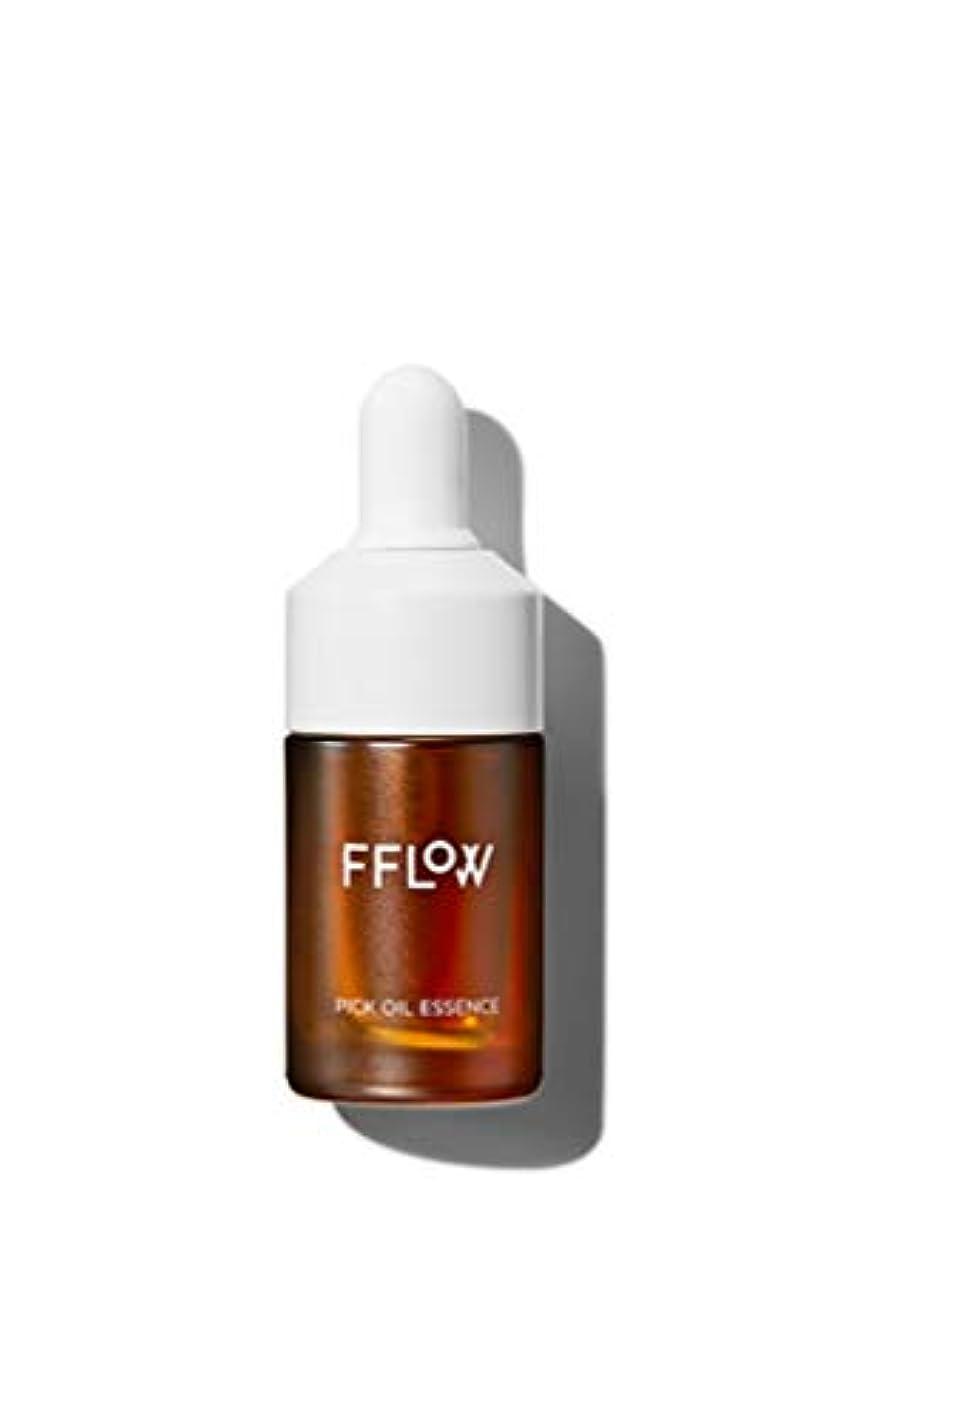 論理的お酒印をつけるFFLOW ☆フローPick Oil Essence ピックオイルエッセンス 10ml [並行輸入品]